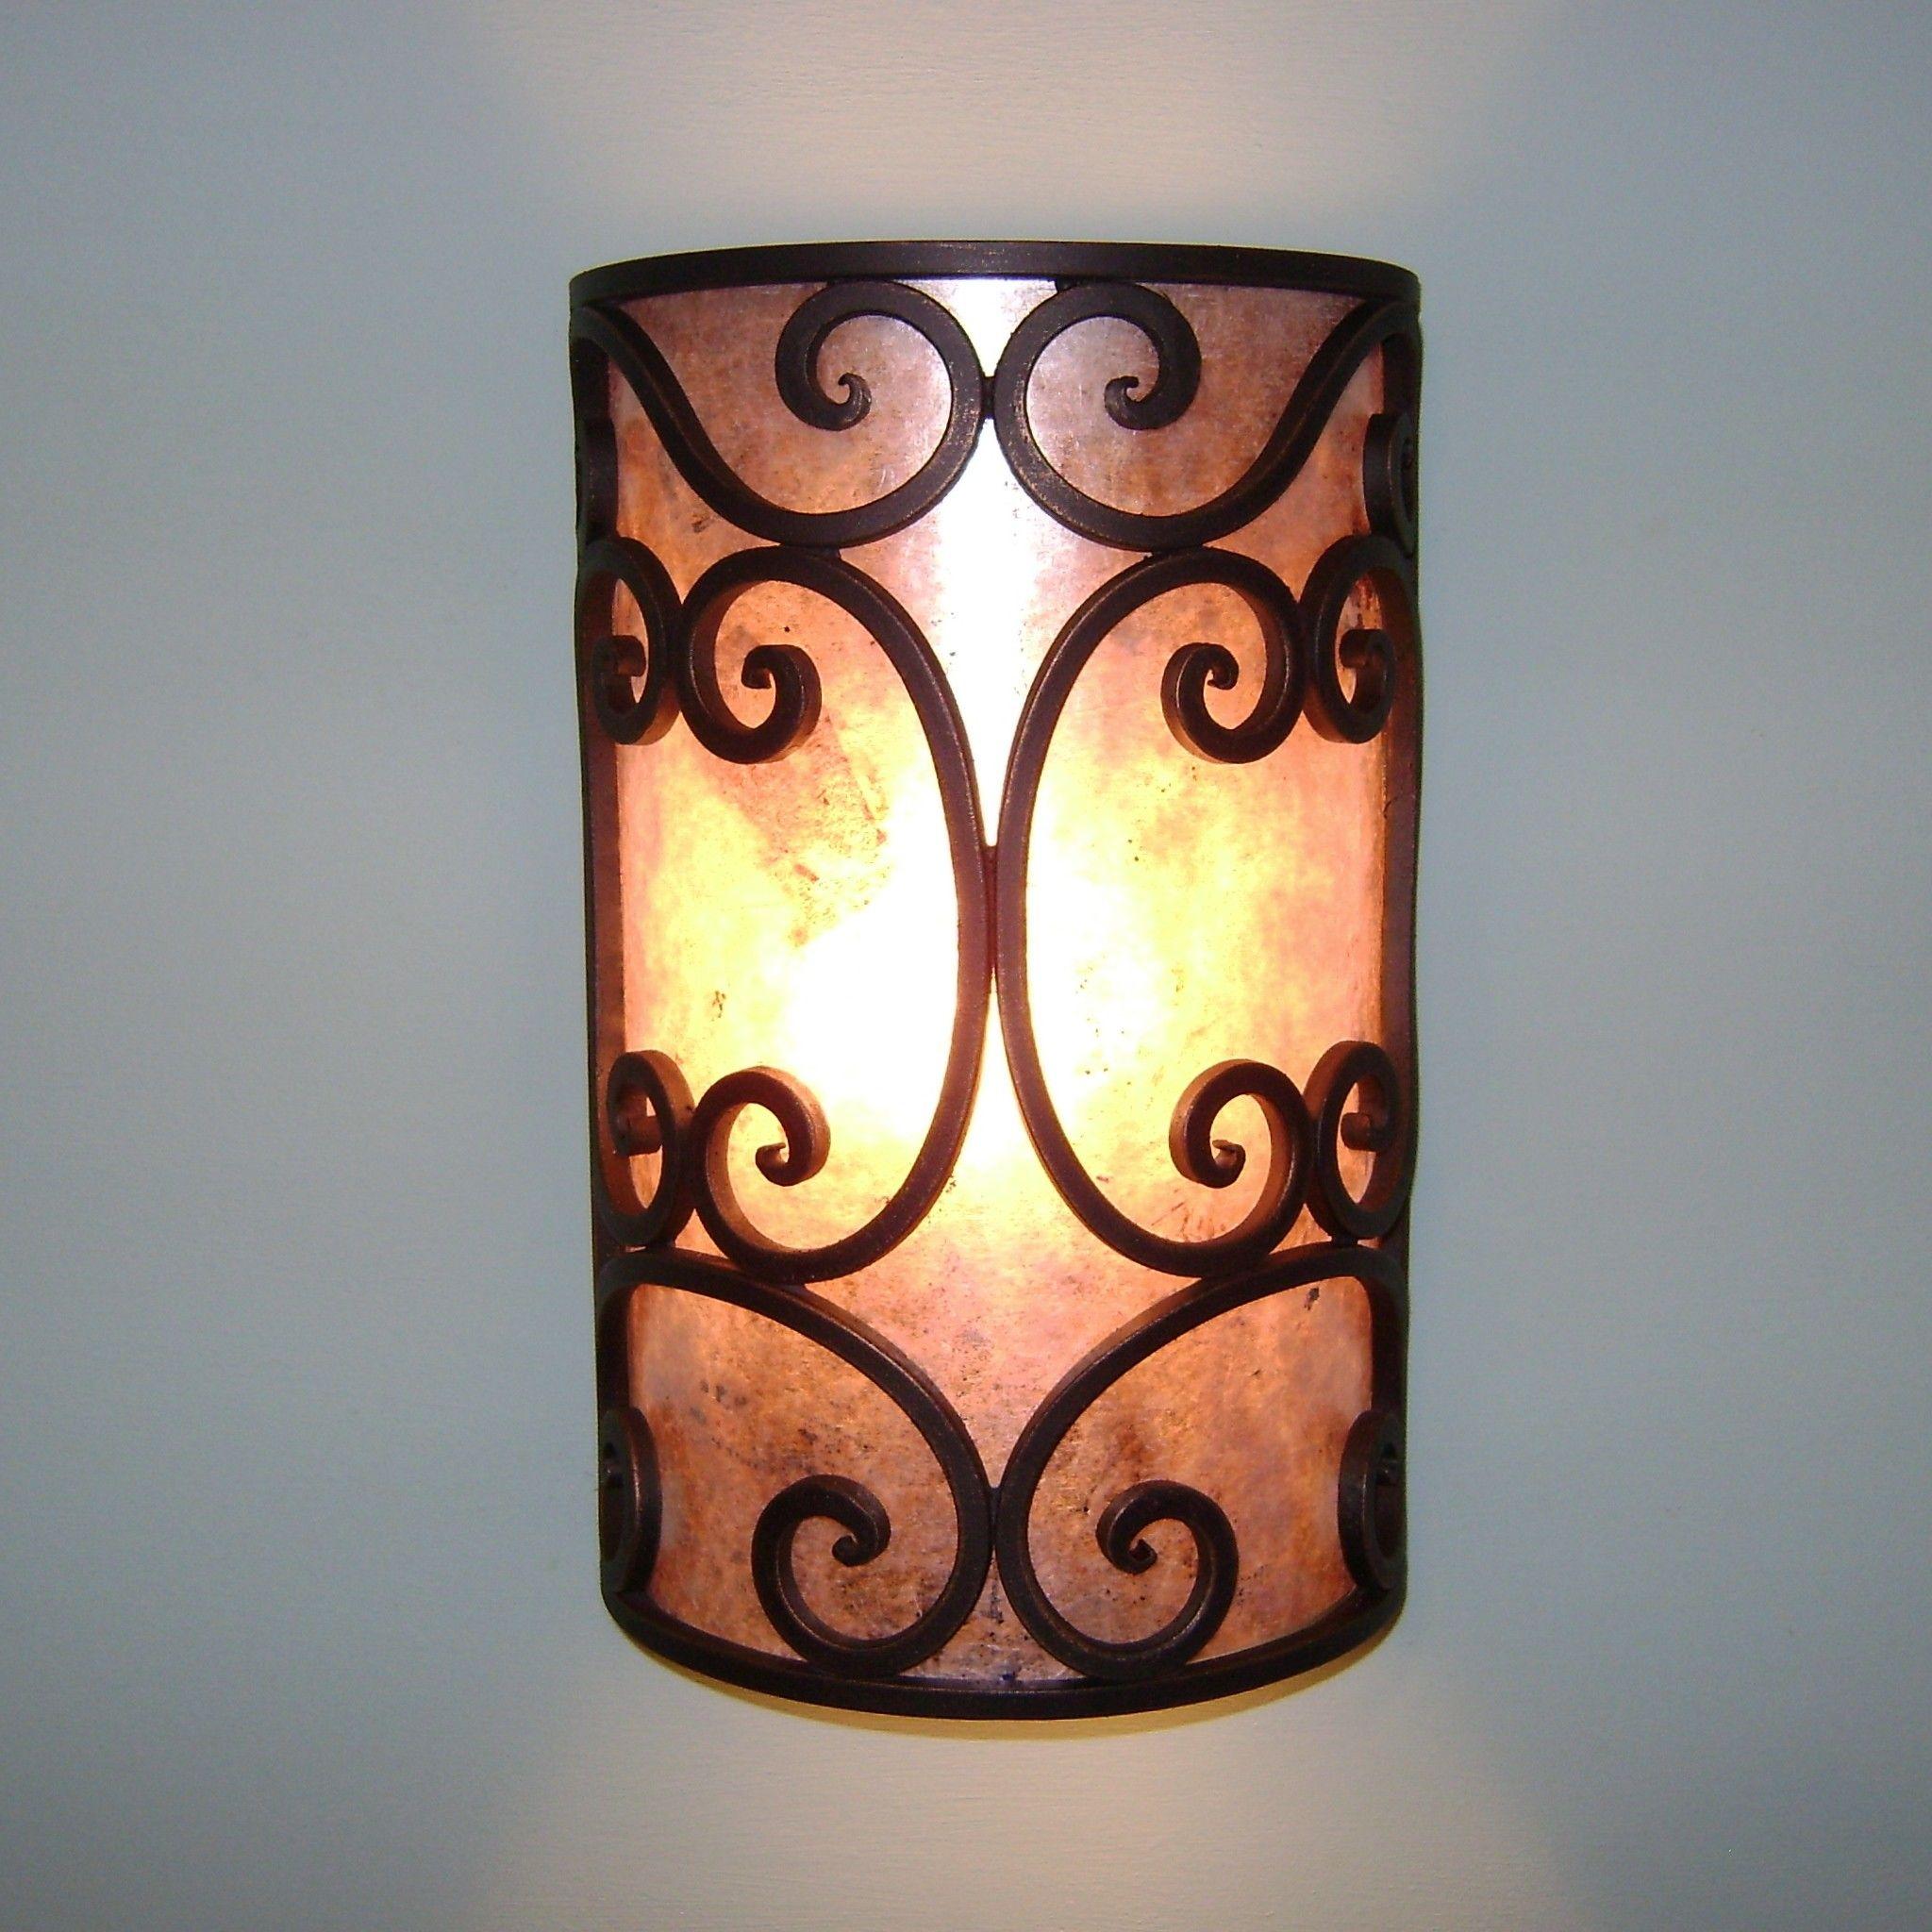 5300 2 Spanish Style Wrought Iron Wall Sconce Lamp Outdoor Exterior Wall Lighting Outdoor Exteri Decoracion Del Jardin Lamparas Rusticas Decoracion De Unas